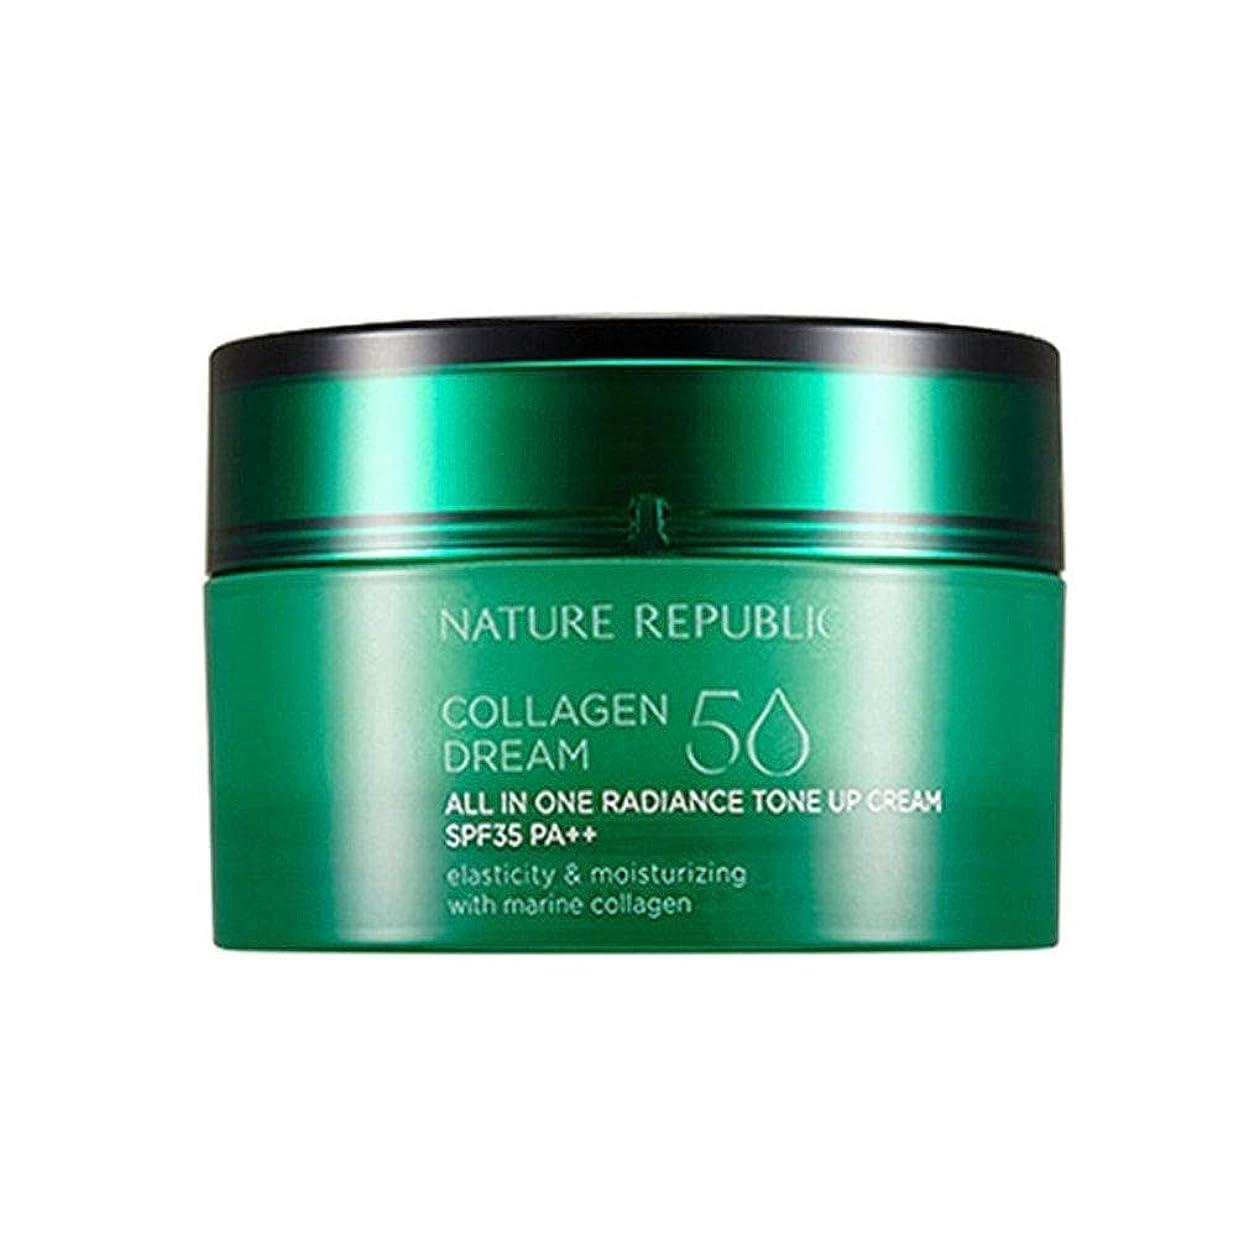 マサッチョ害確認してくださいネイチャーリパブリックコラーゲンドリーム50オールインワンラディアンストンアップクリーム50ml韓国コスメ、Nature Republic Collagen Dream 50 All in One Radiance Tone up Cream 50ml Korean Cosmetics [並行輸入品]